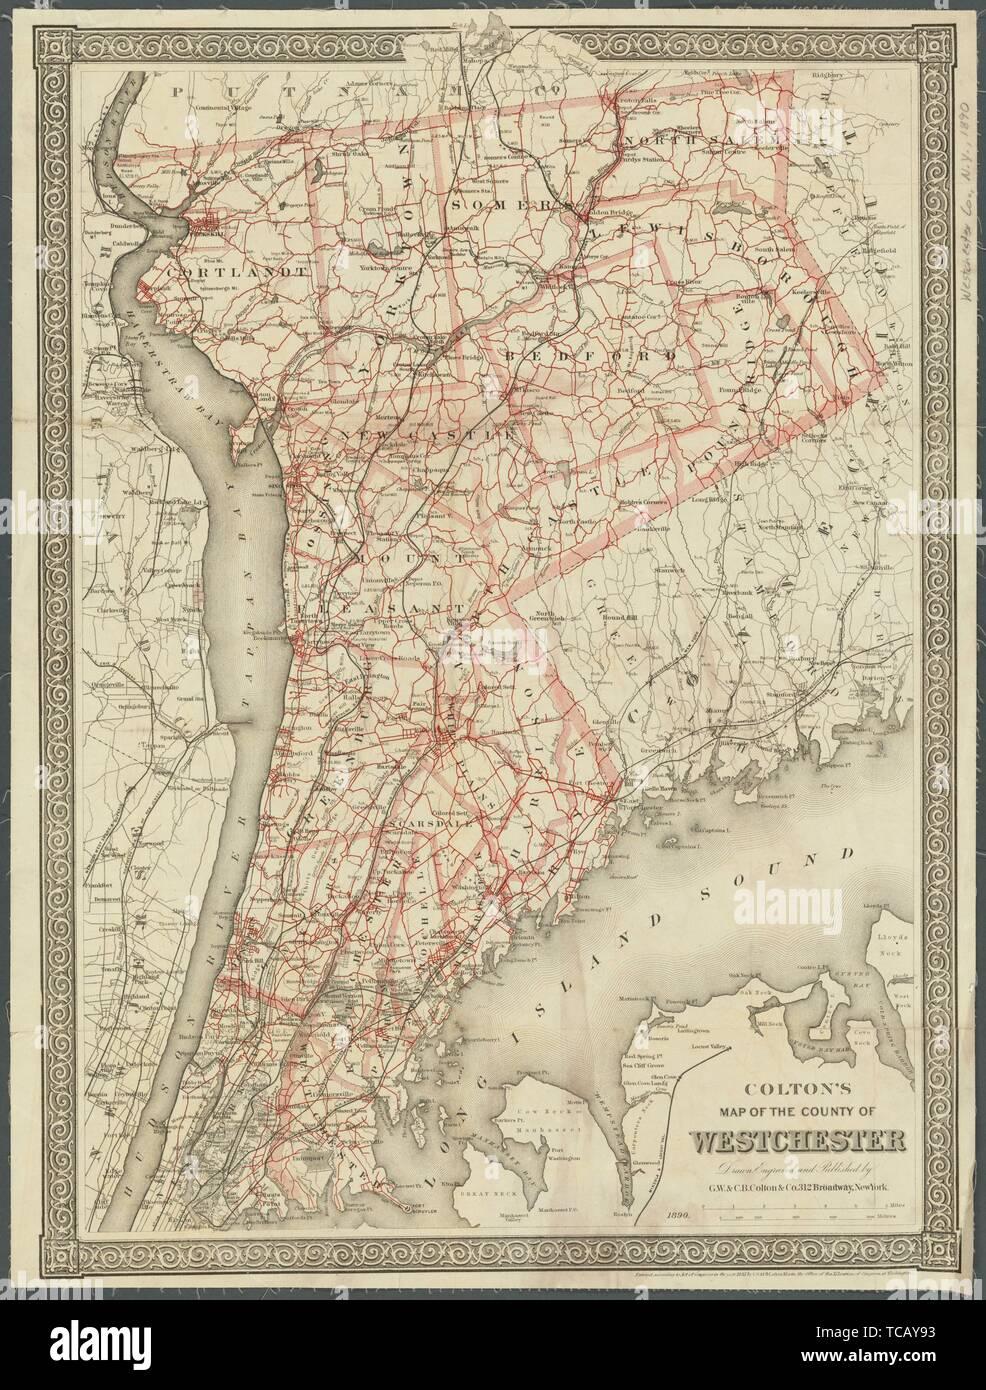 Colton's site du comté de Westchester Autre titre: Carte du comté de Westchester. G. W. & C.B. Colton & Cie (éditeur). Des cartes de New York Banque D'Images